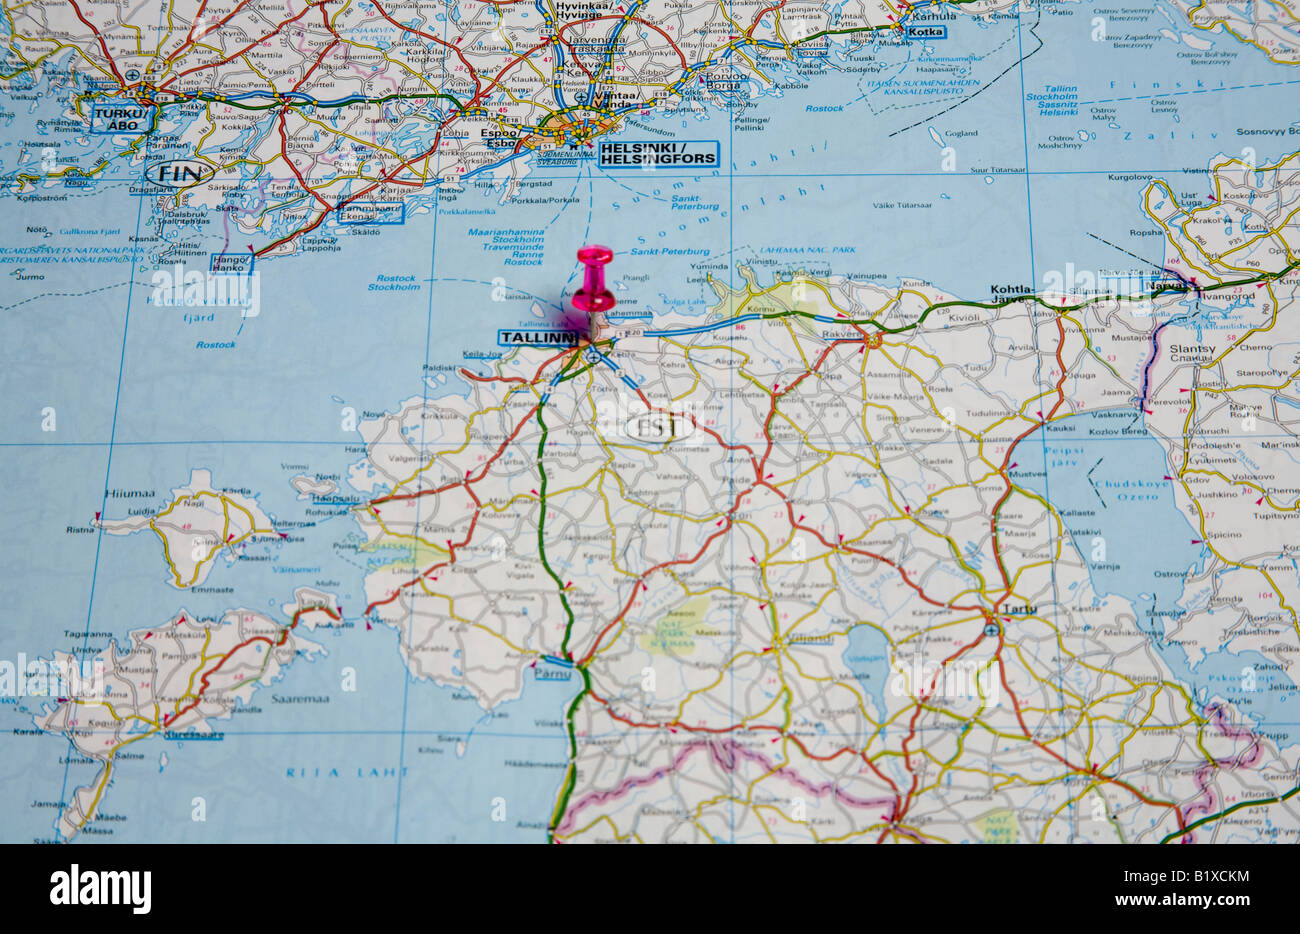 Norvegia Cartina Stradale.La Mappa Stradale Di Oslo Norvegia Europa Foto Stock Alamy